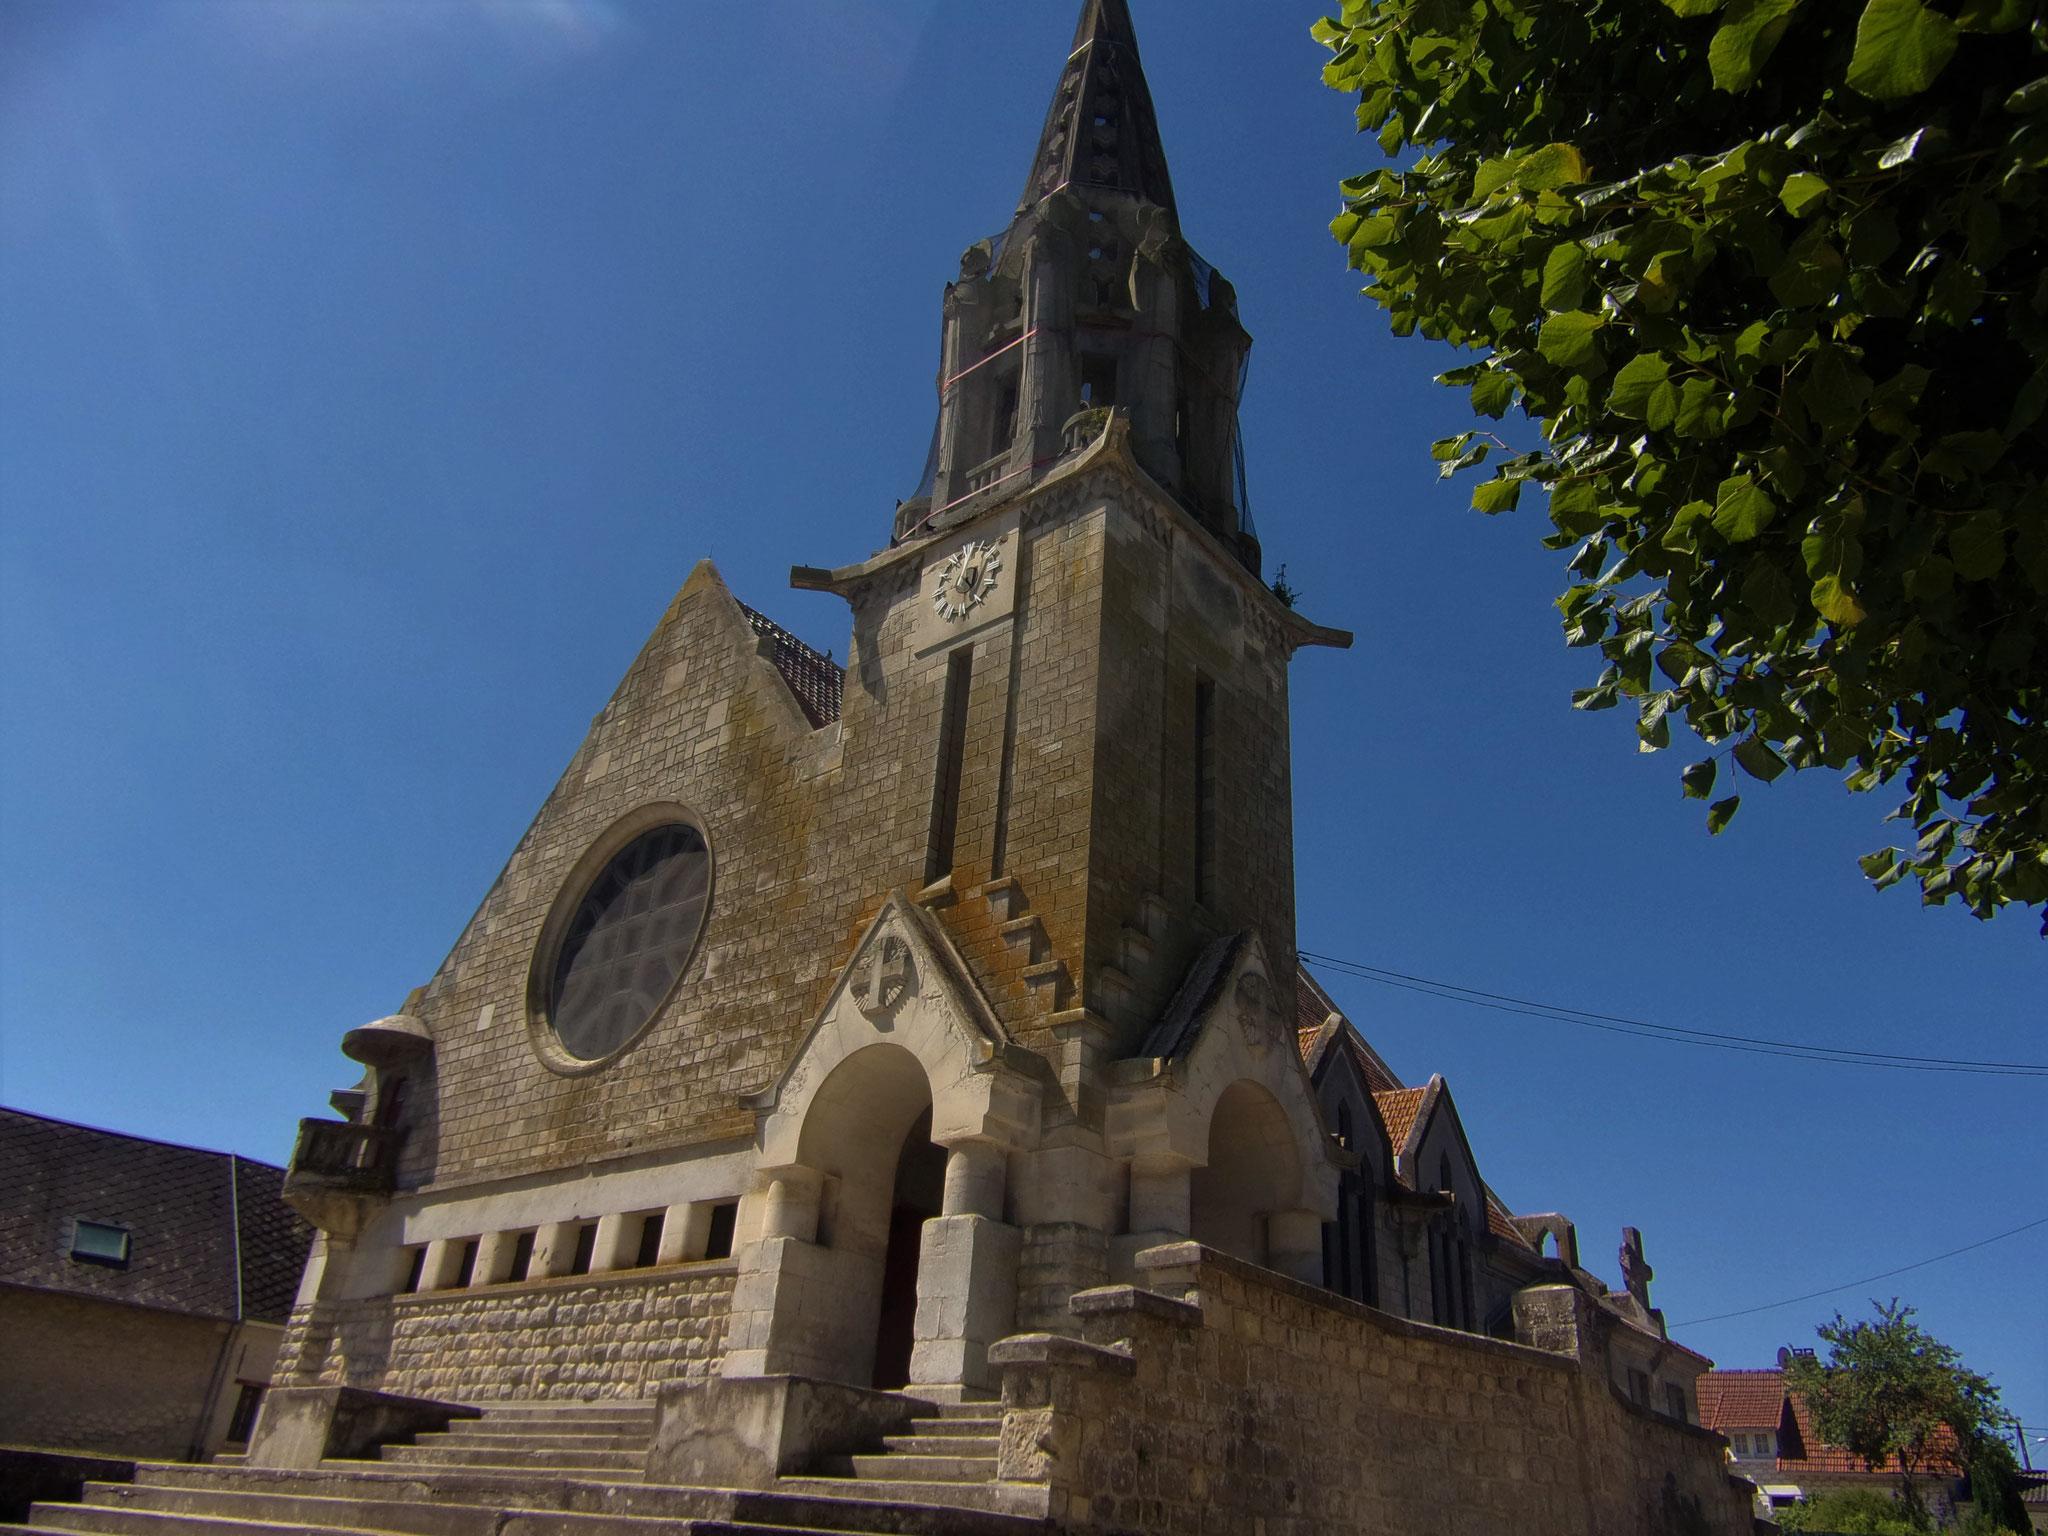 Eglise de Brancourt-en-Laonnois